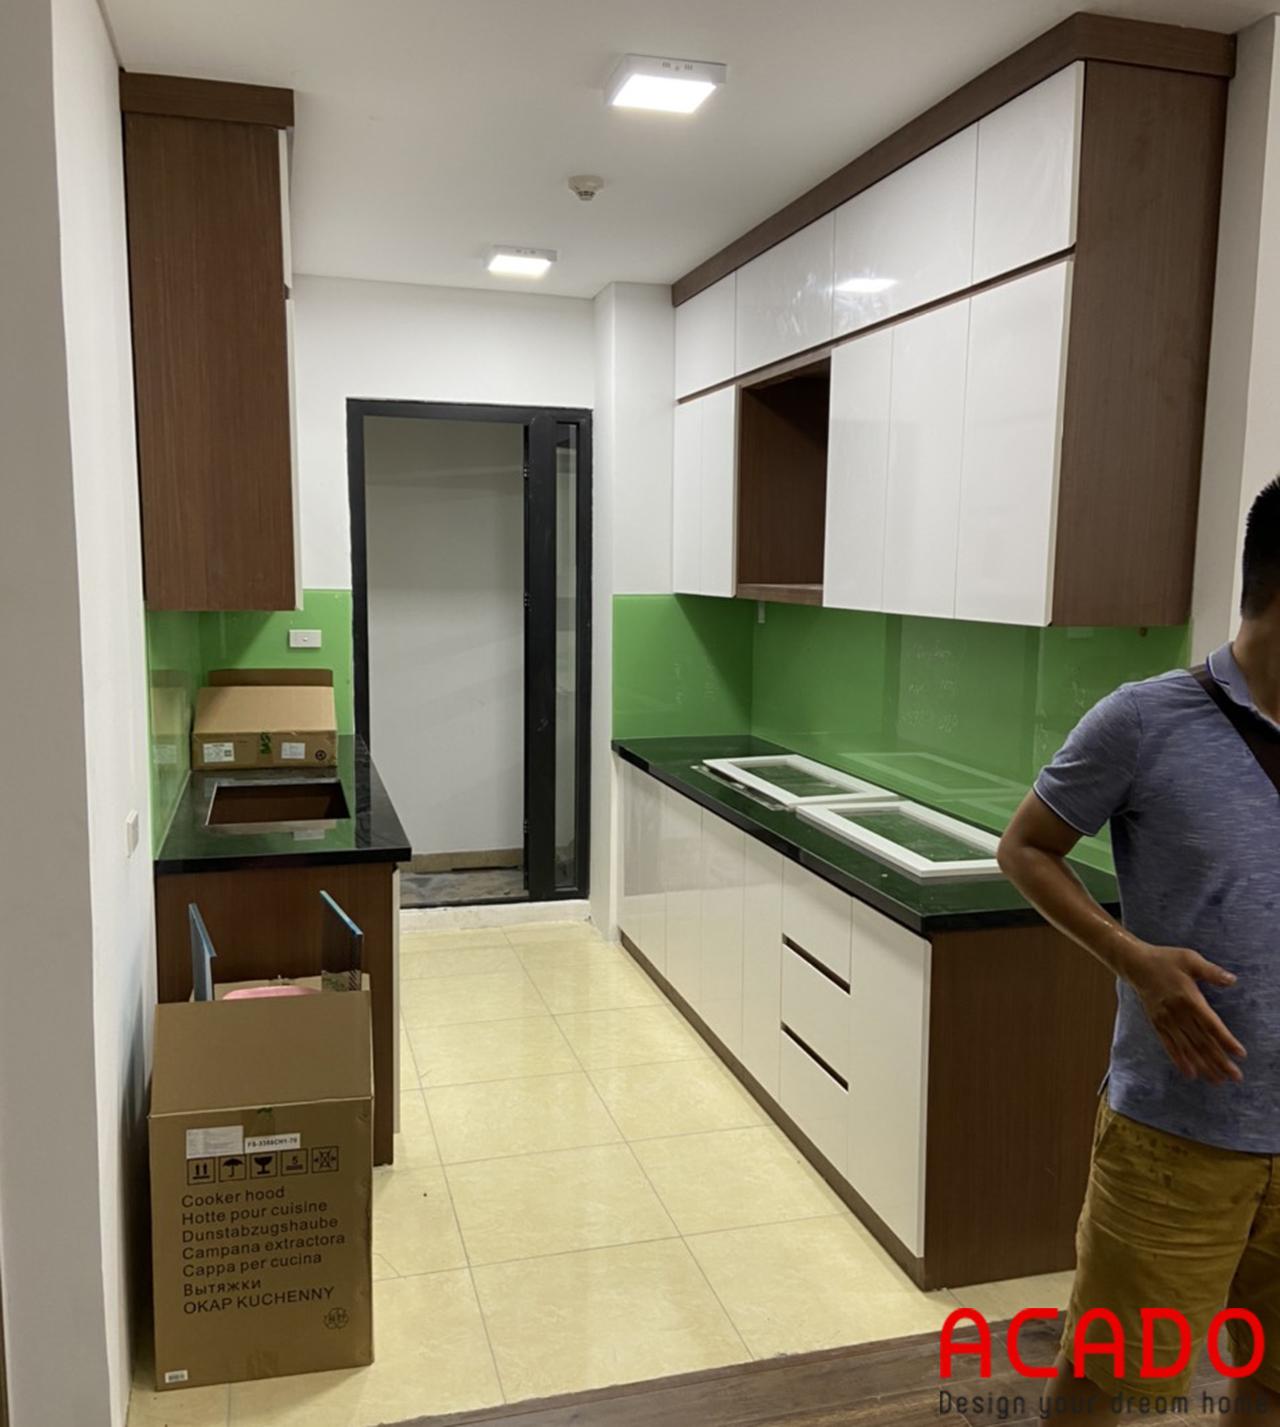 Thi công tủ bếp hoàn thiện cho khách hàng - nội thất ACADO